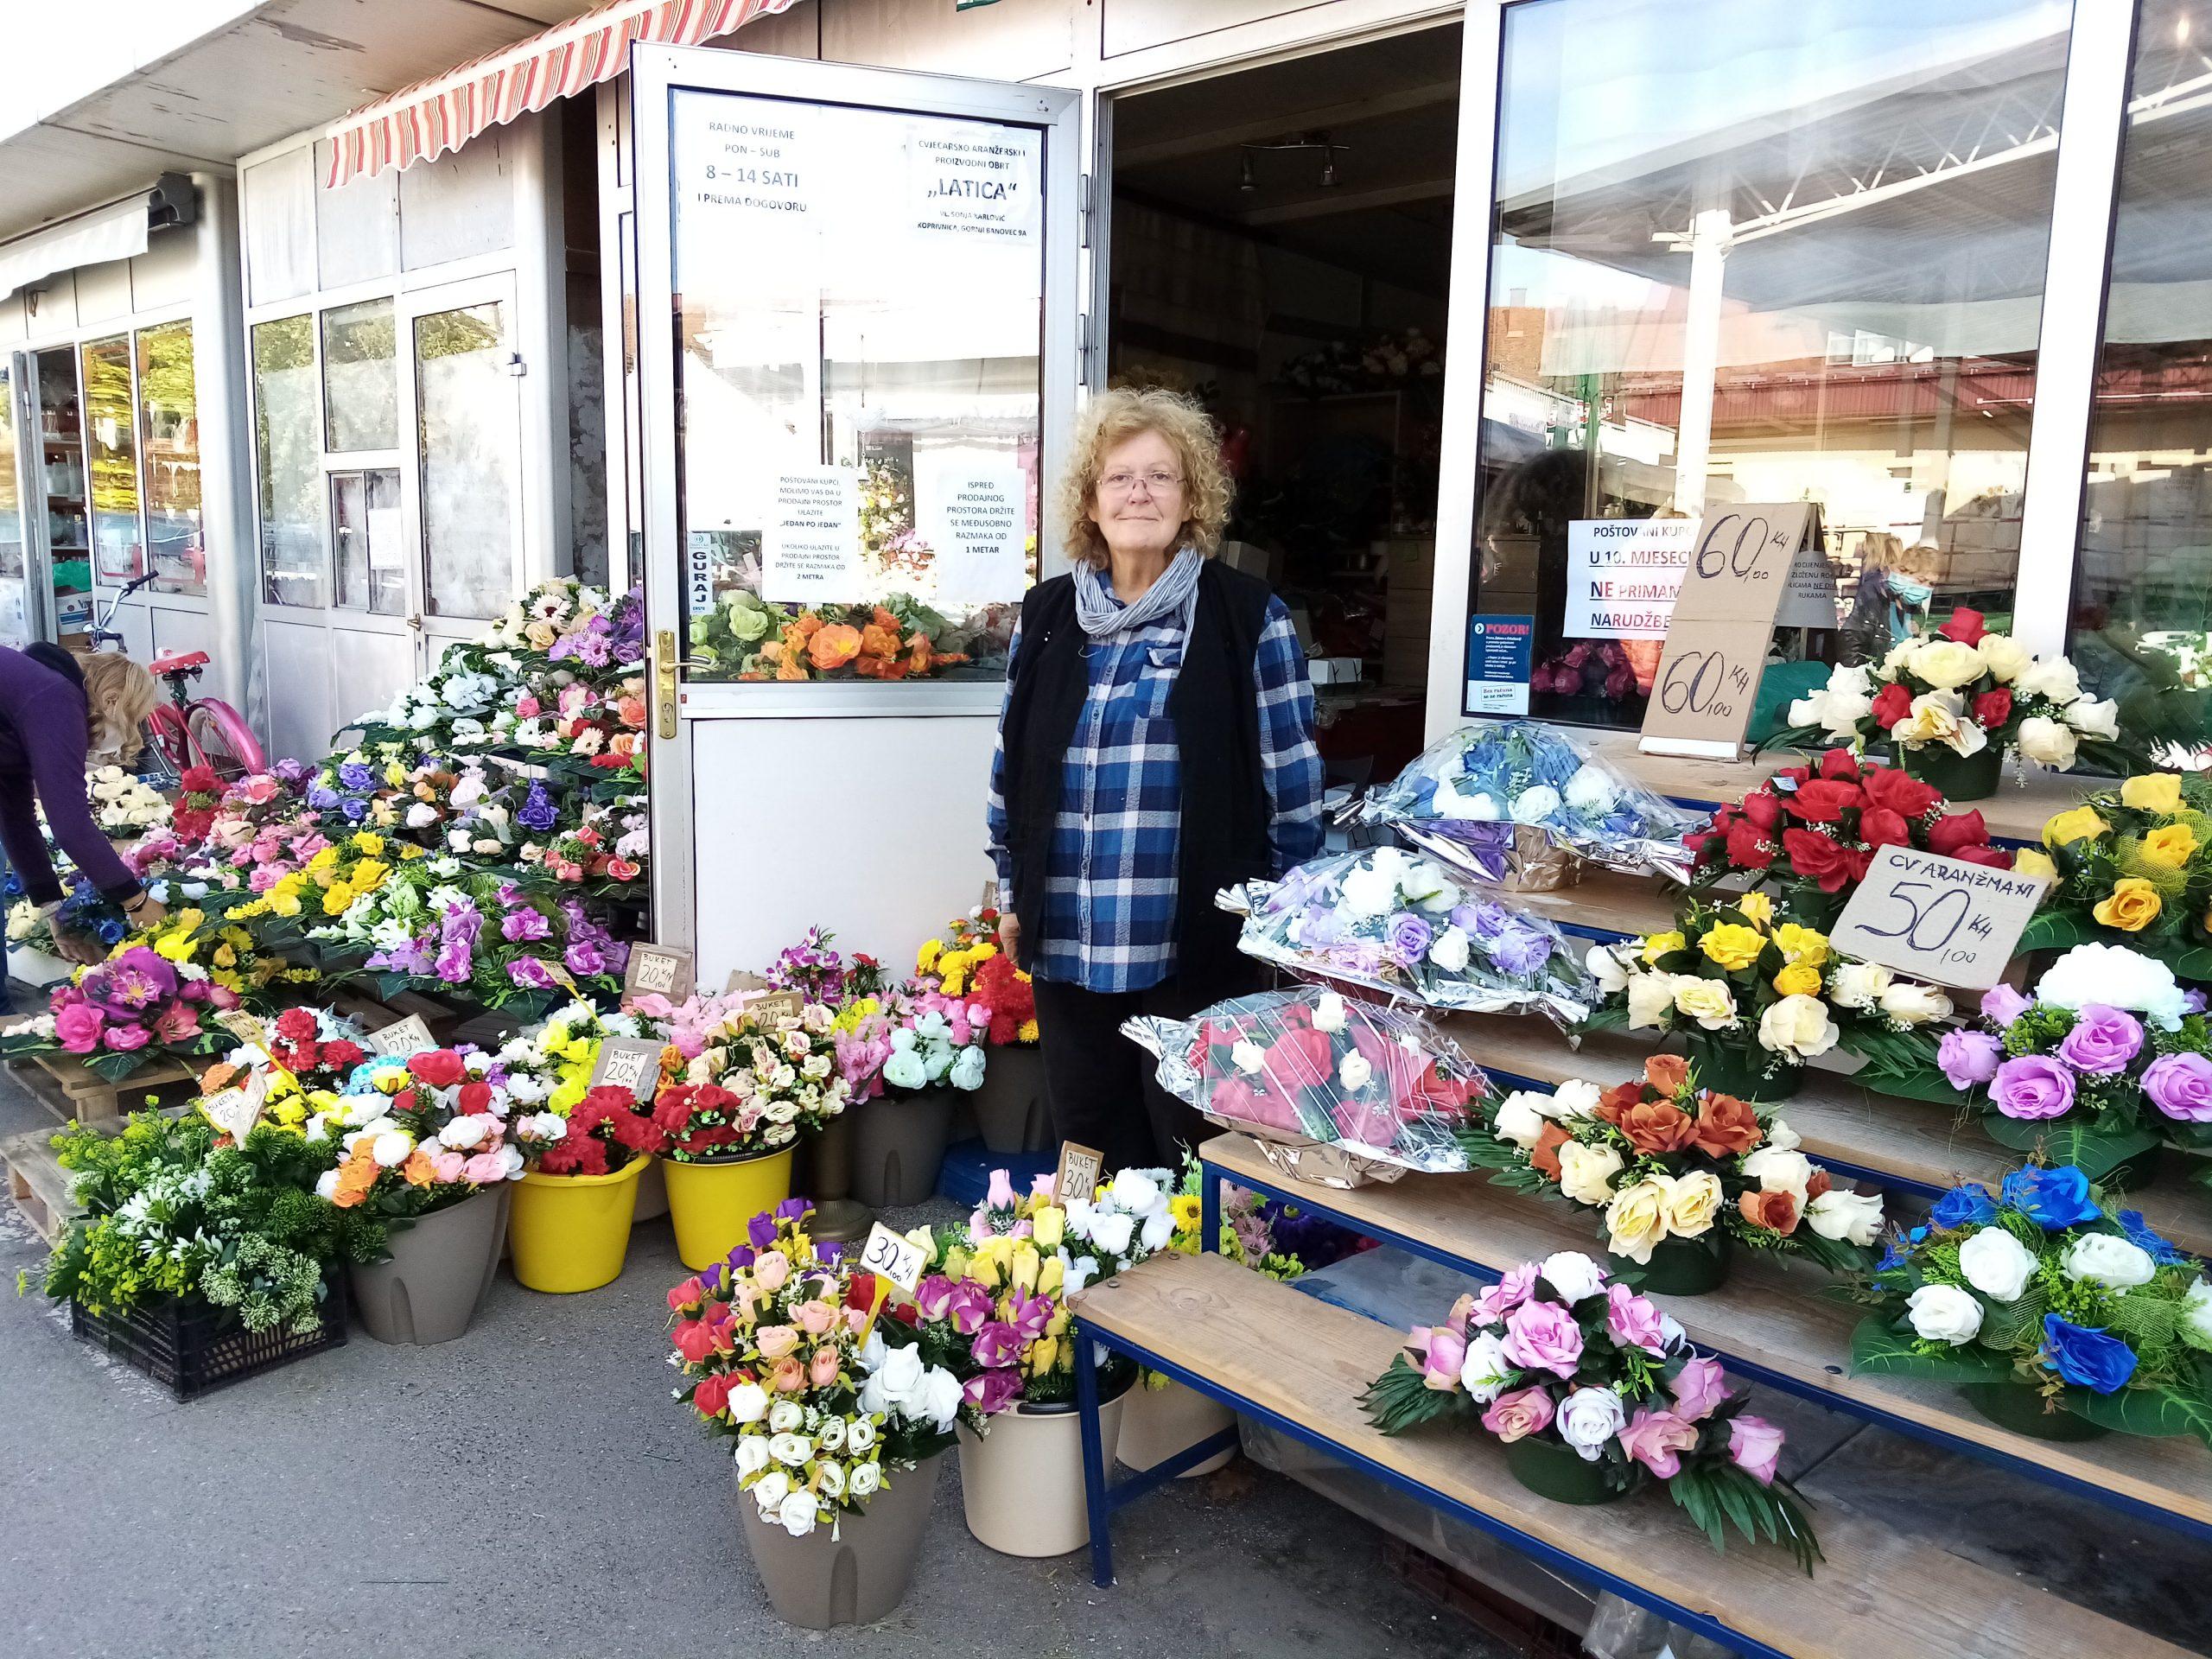 Obrt Latica uoči blagdana Svih svetih nudi raznovrsne cvjetne aranžmane od svilenog cvijeća